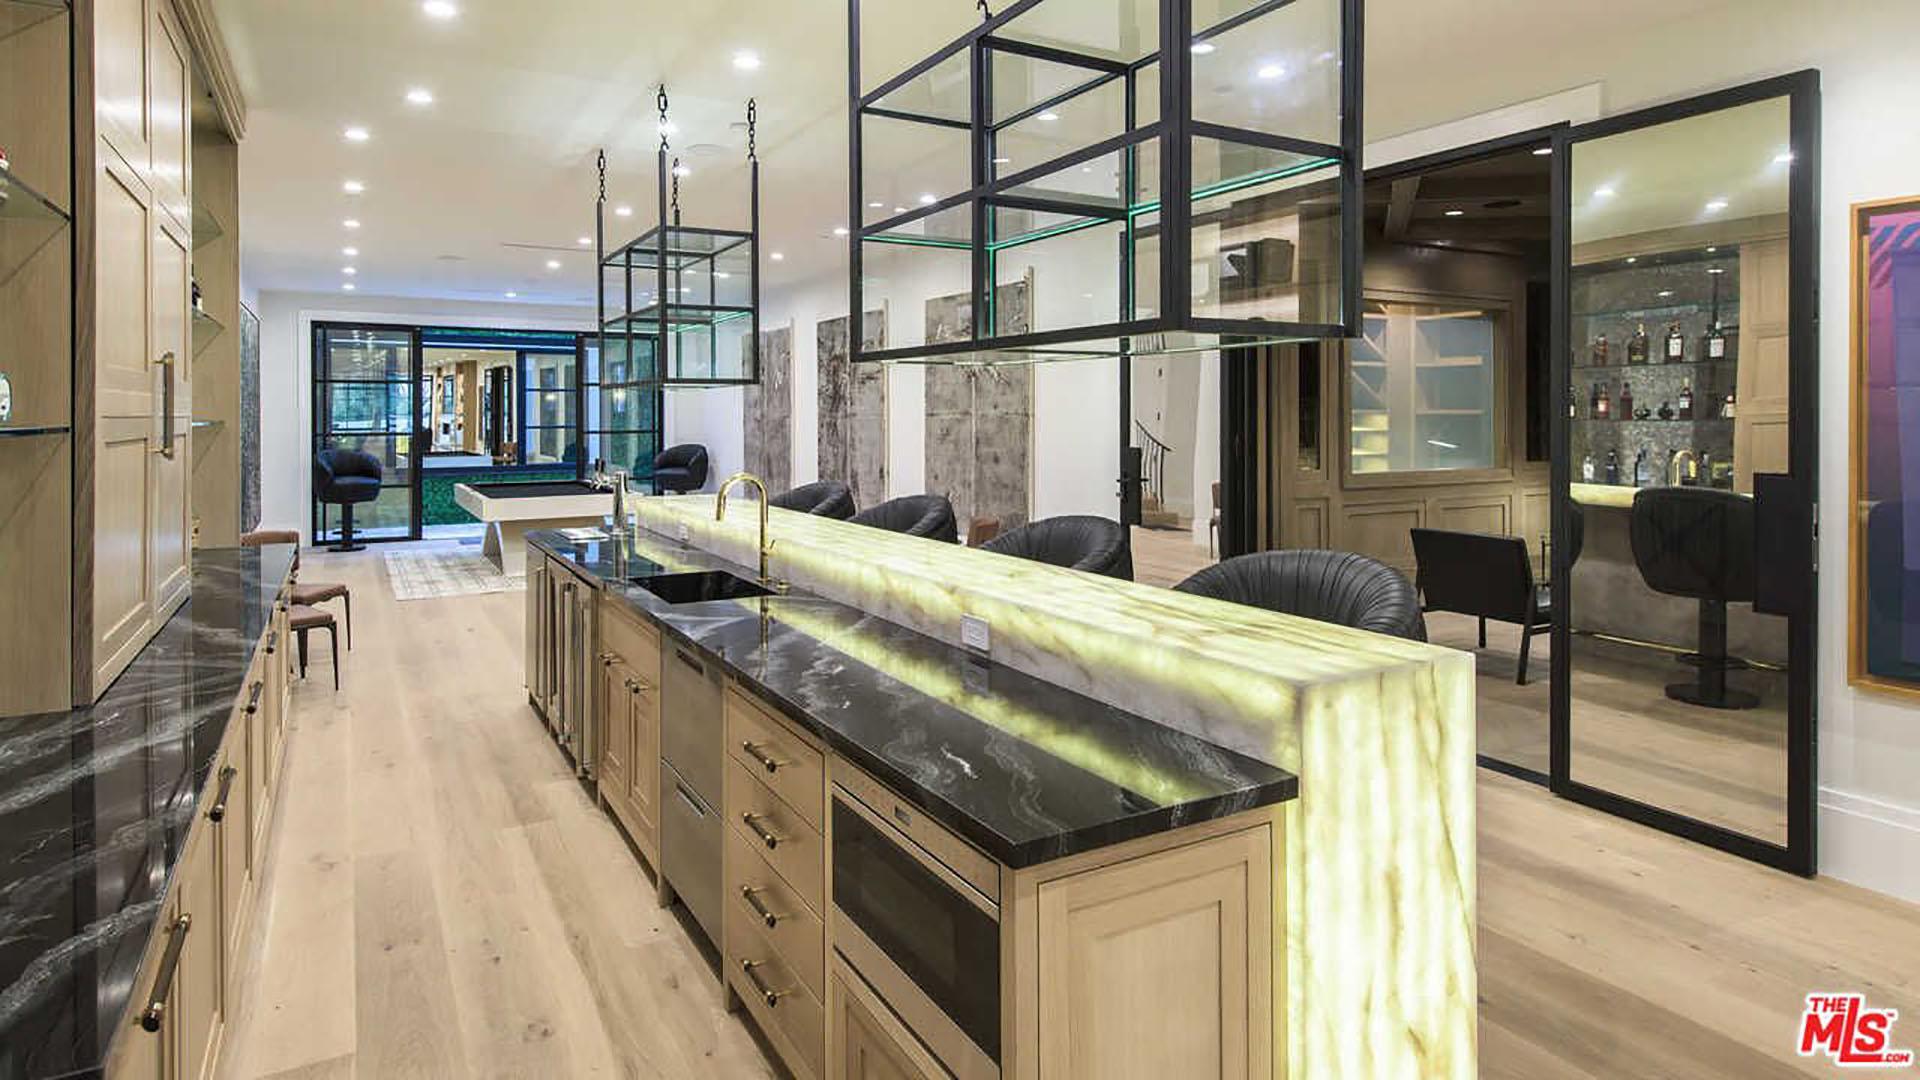 (MLS)Según Trulia.com, la majestuosa vivienda abarca cerca de 16 mil pies cuadrados y posee ocho habitaciones y 11 baños